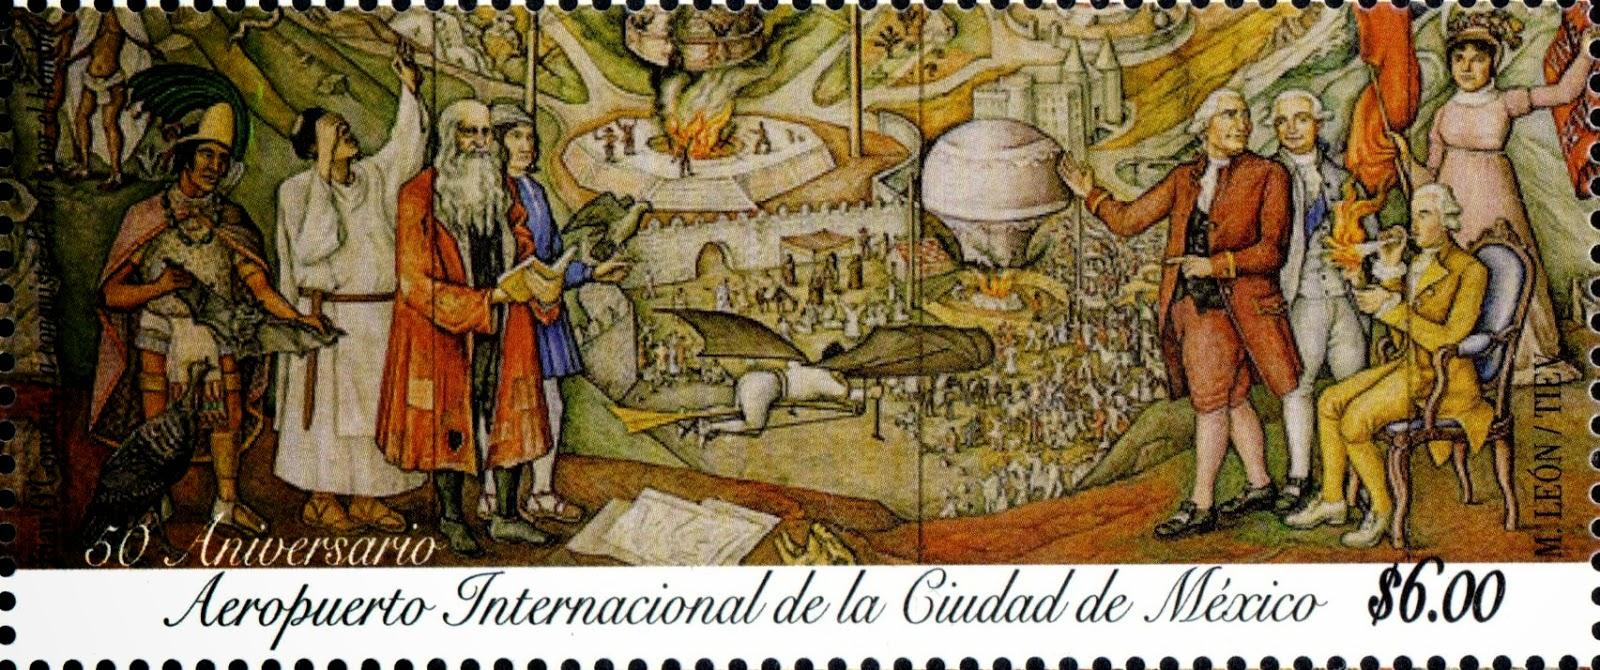 Filatelia y gerardo pacheco el guajolote o pavo y la navidad for Mural nuestra carne